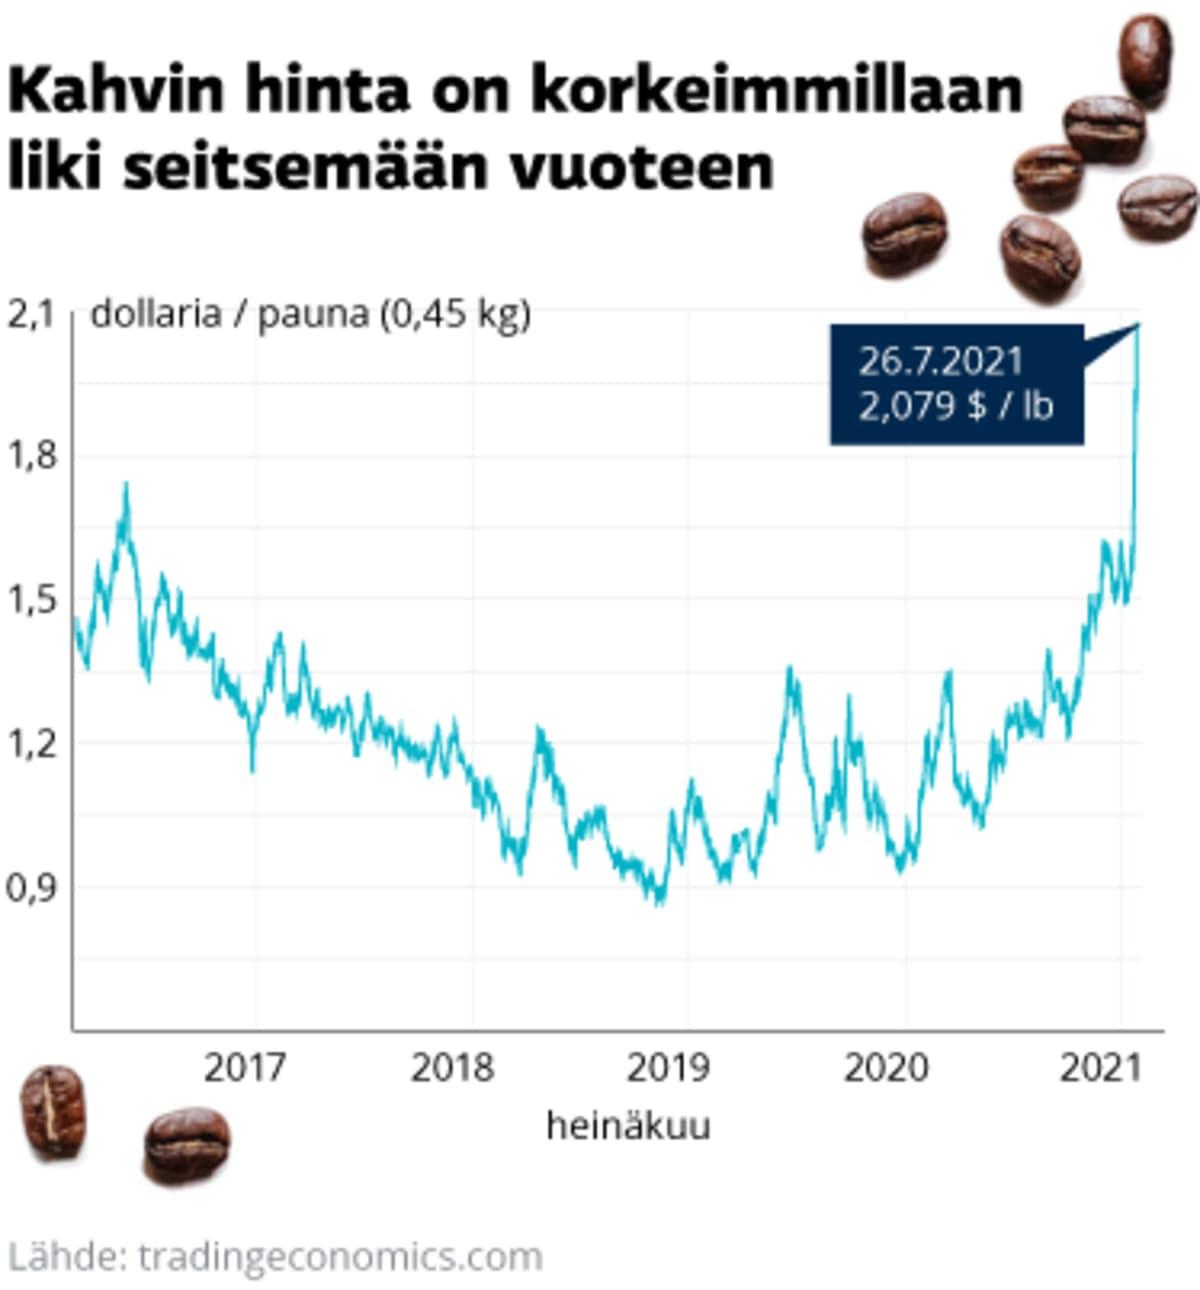 Tilastografiikassa kahvin hintakehitys viimeisen viiden vuoden ajalta. Korkeimmillaan 26.7.2021, jolloin kahvin hinta on ollut 207,9 dollaria paunalta.